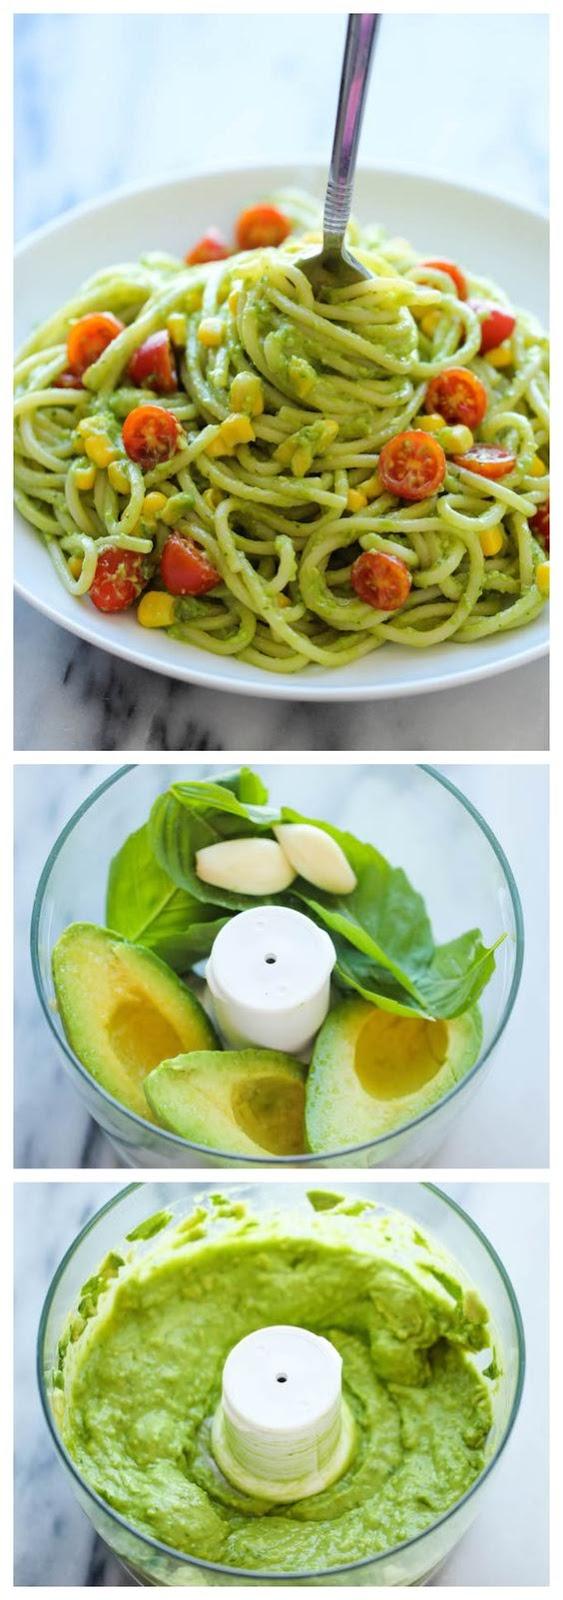 AVOCADO PASTA #avocado #pasta #pastarecipes #easypastarecipes #spaghetti